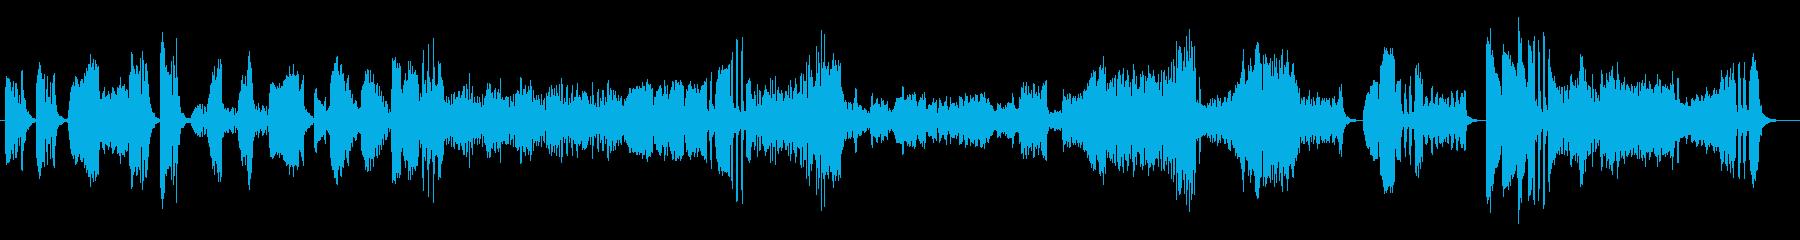 お洒落で軽快な弦楽四重奏の再生済みの波形